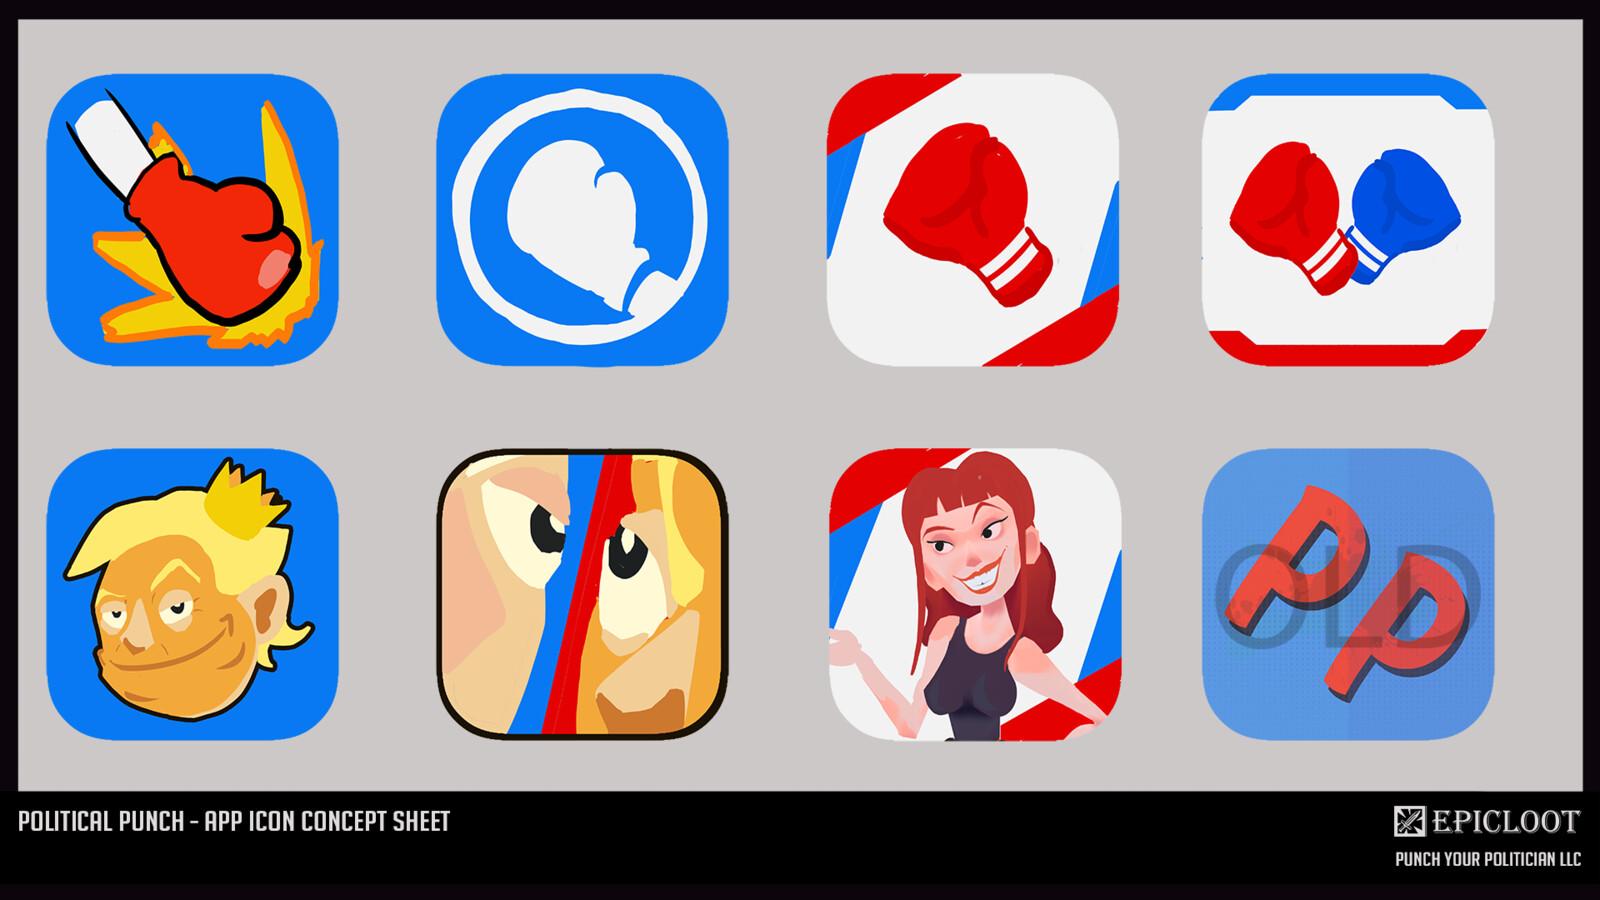 App Icon Concept Sheet